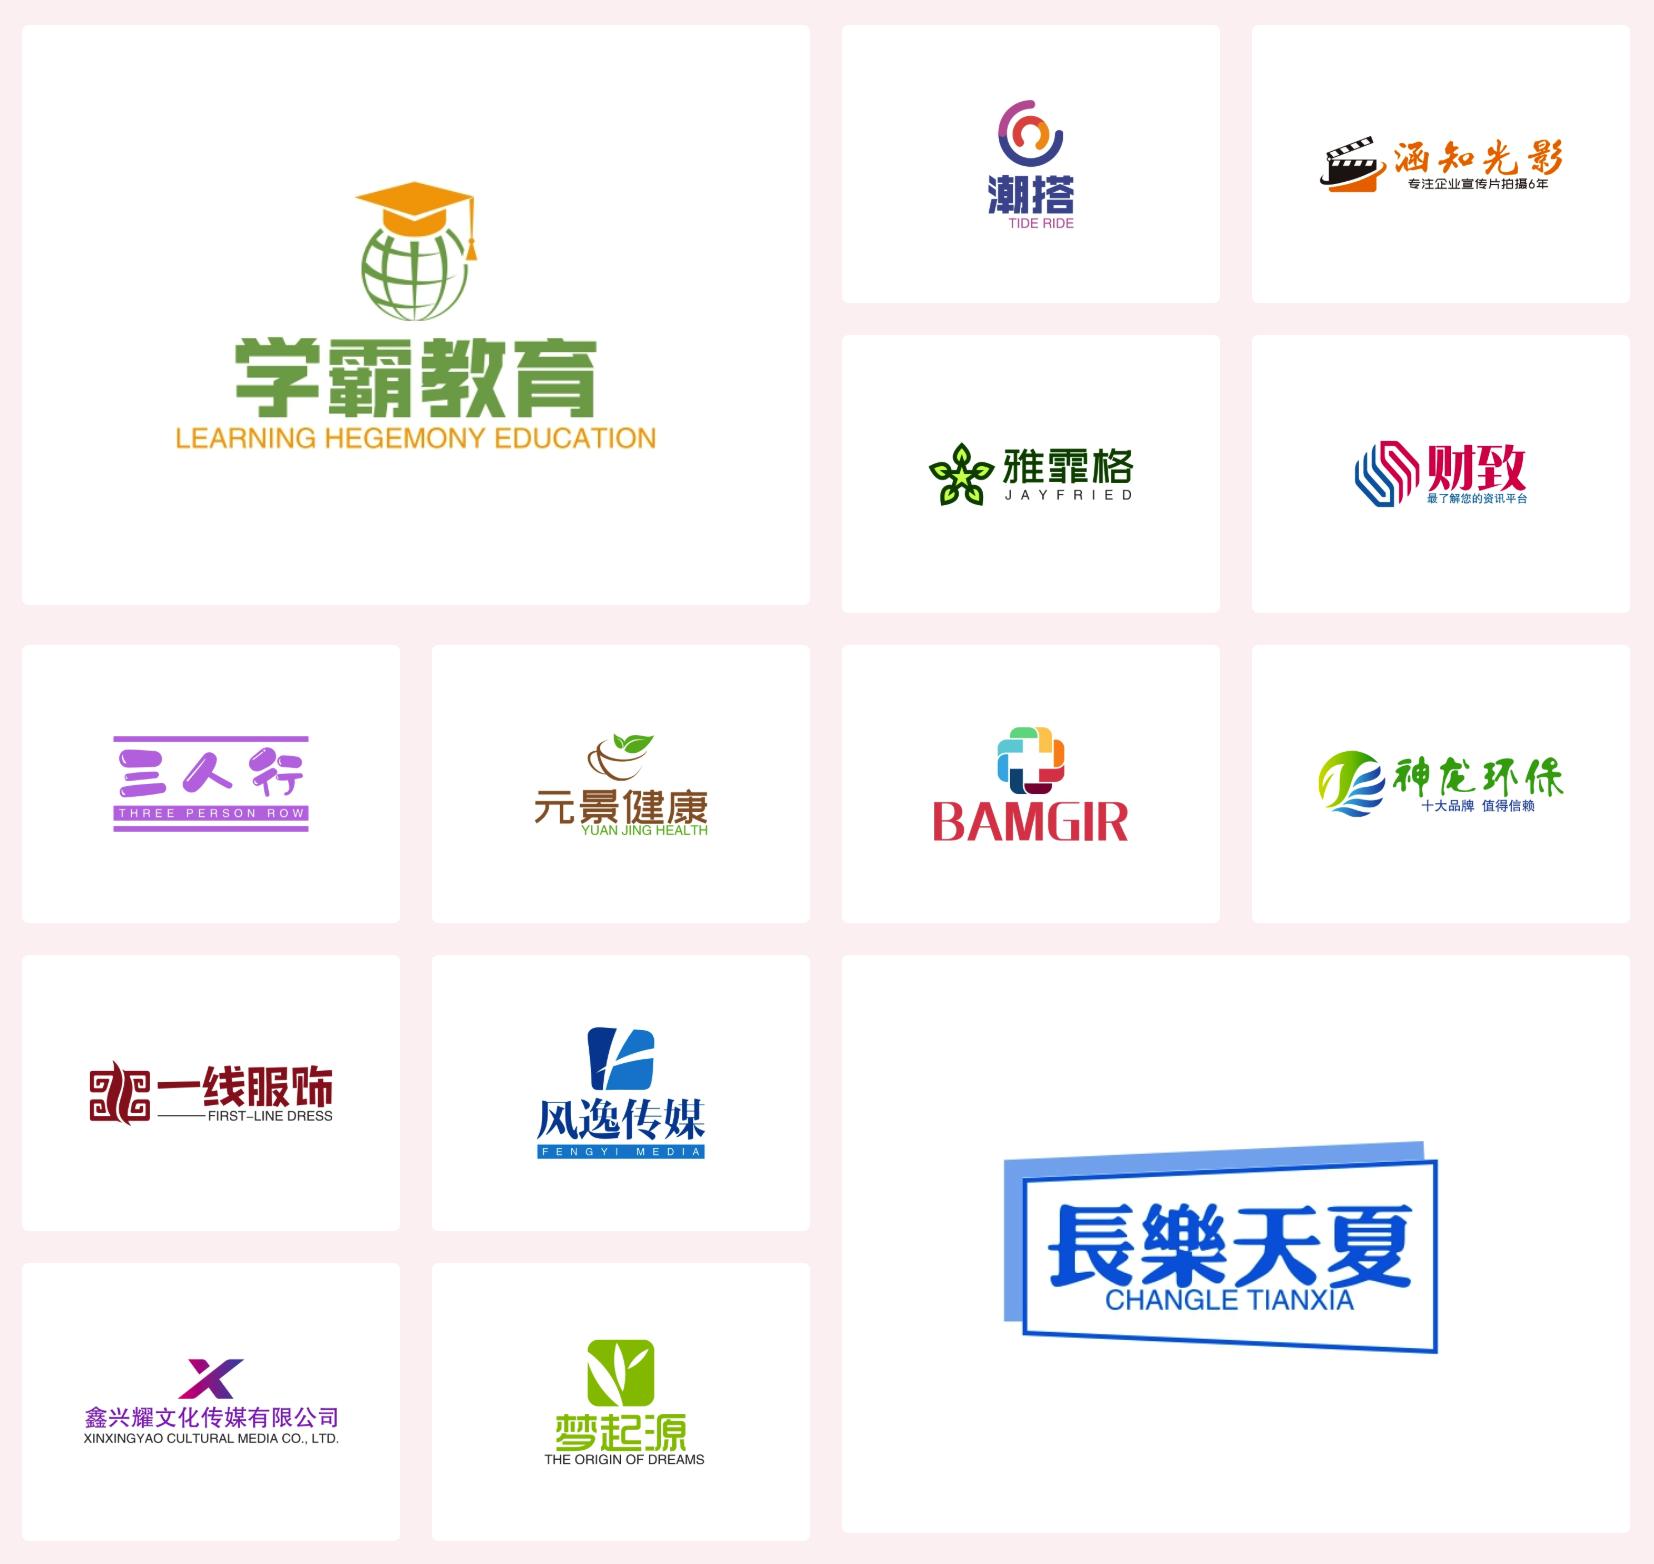 小爱logo-智能Logo设计在线生成器